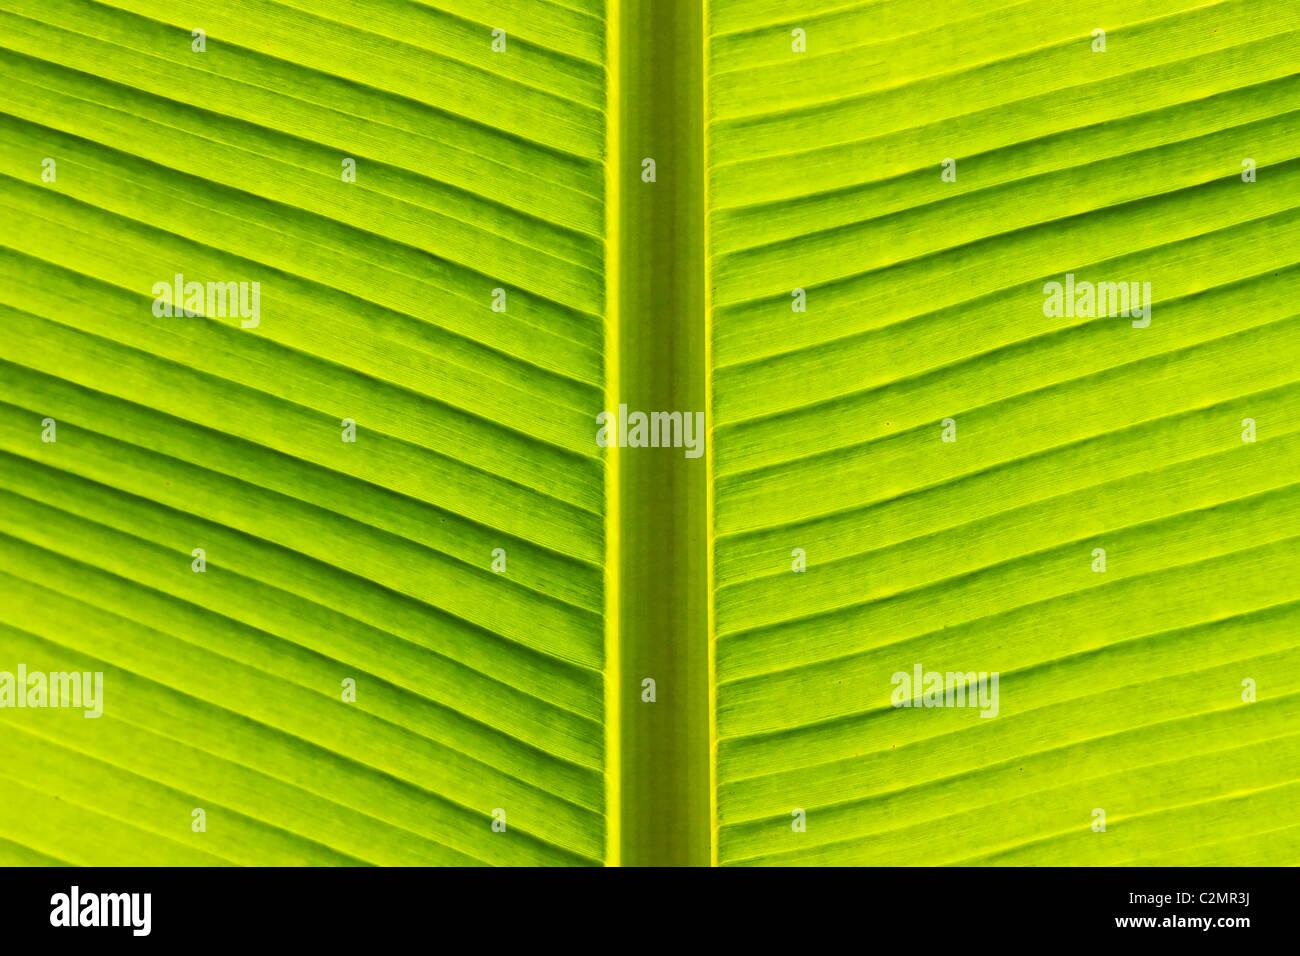 Bananenblatt Stockbild